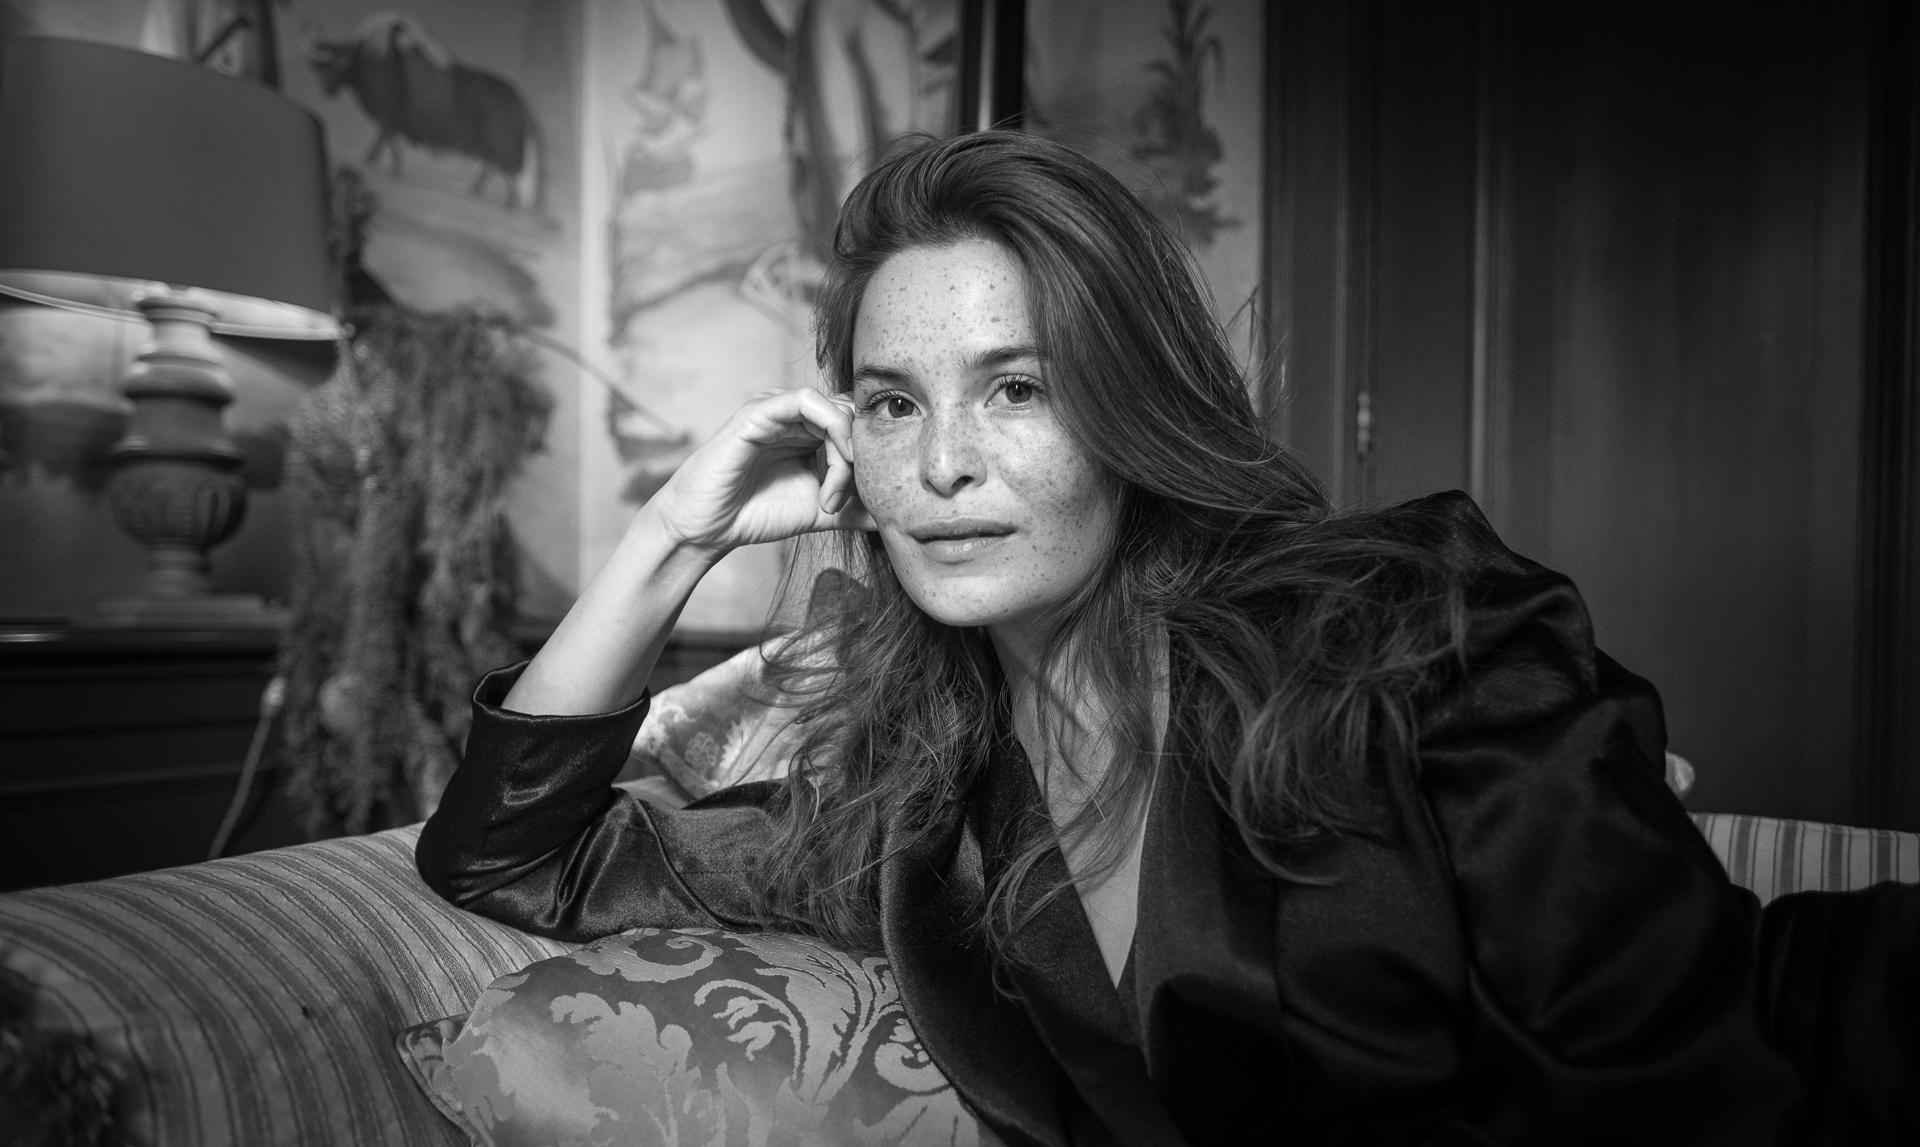 Ambassadeur Laura van Ree over drugsbeleid in Nederland: 'Geef de gebruiker niet de schuld maar kijk naar de bigger picture'